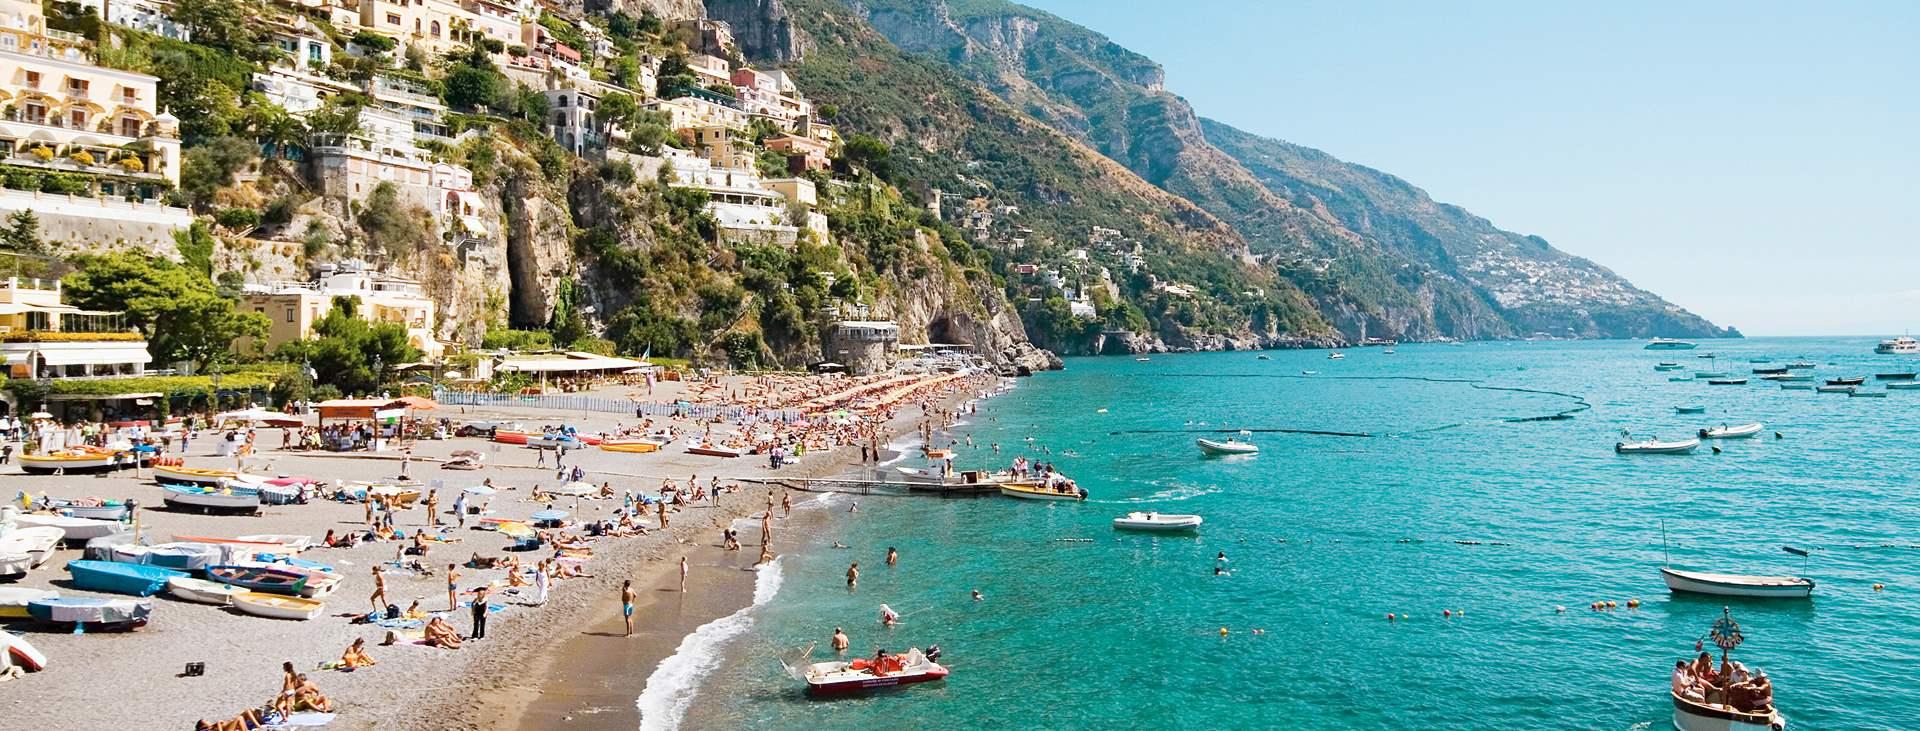 Reiser til Positano på Amalfikysten i Italia